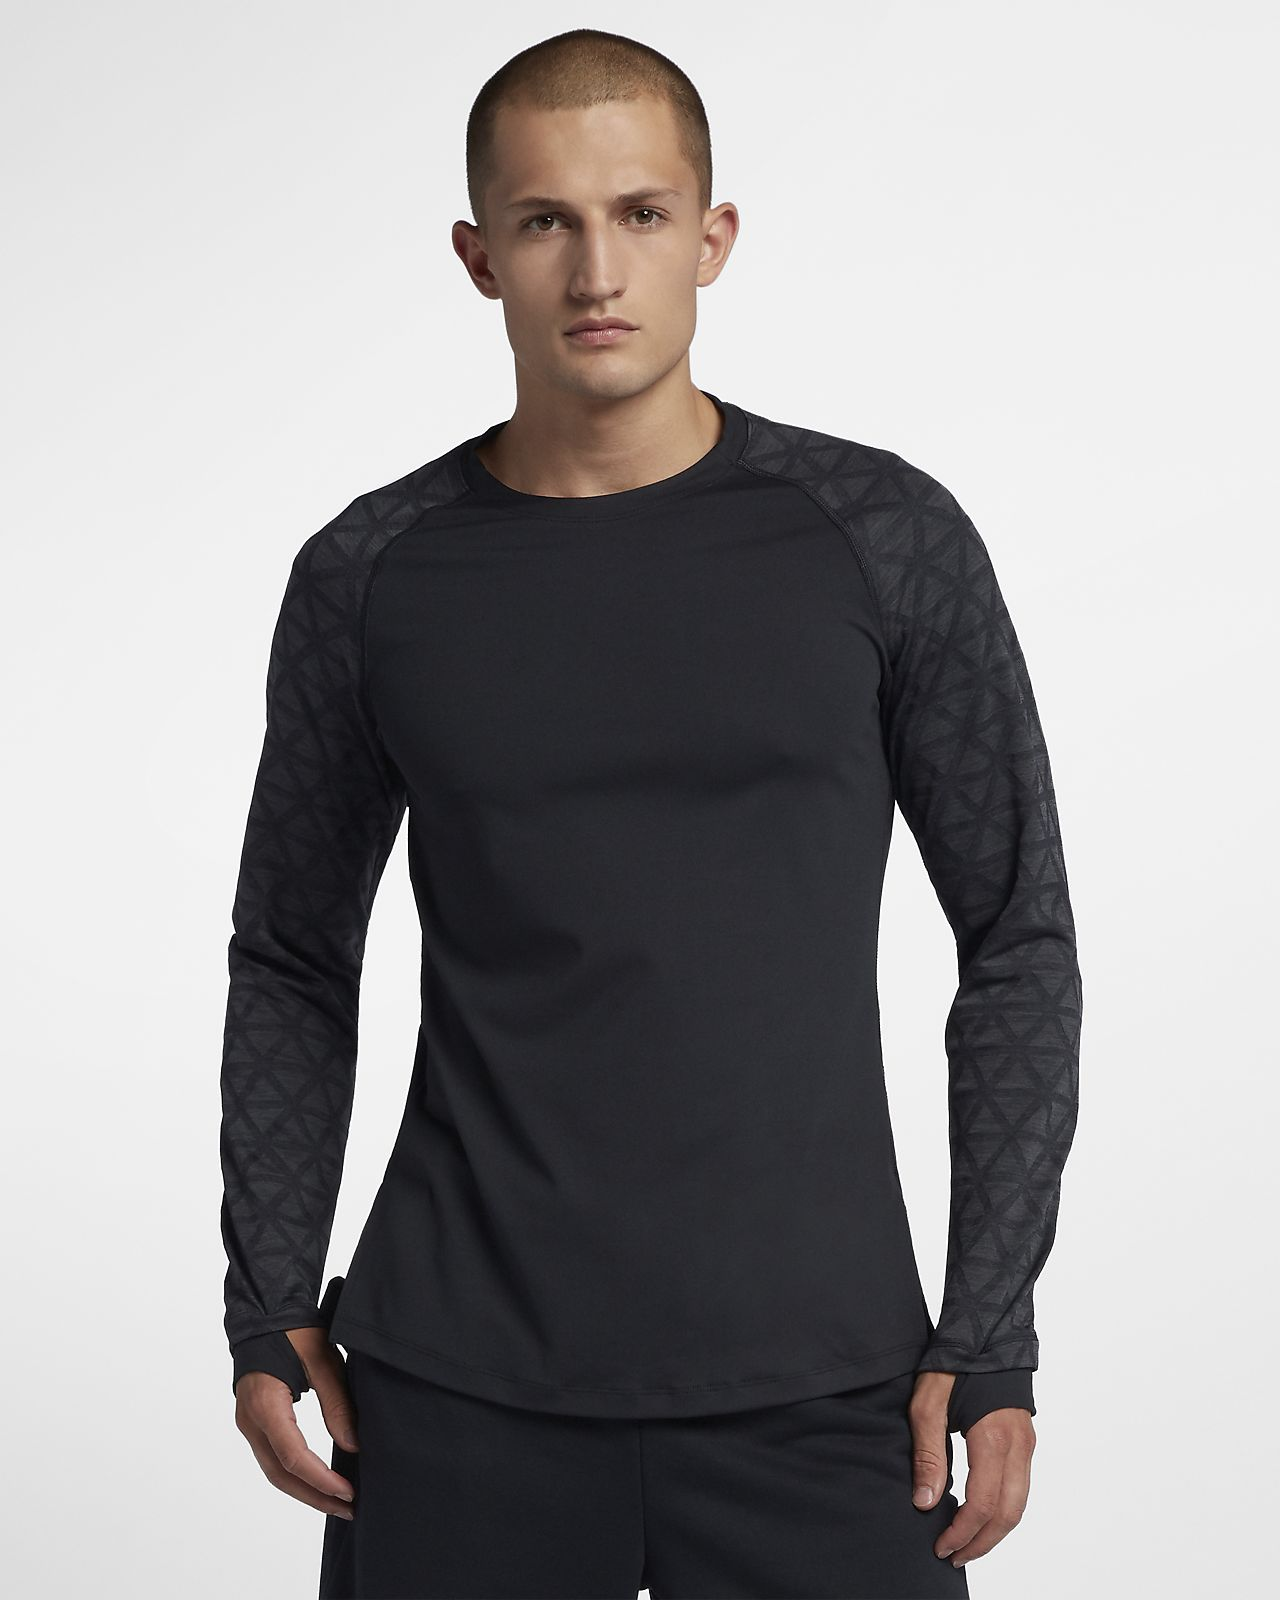 Męska koszulka treningowa z długim rękawem Nike Pro